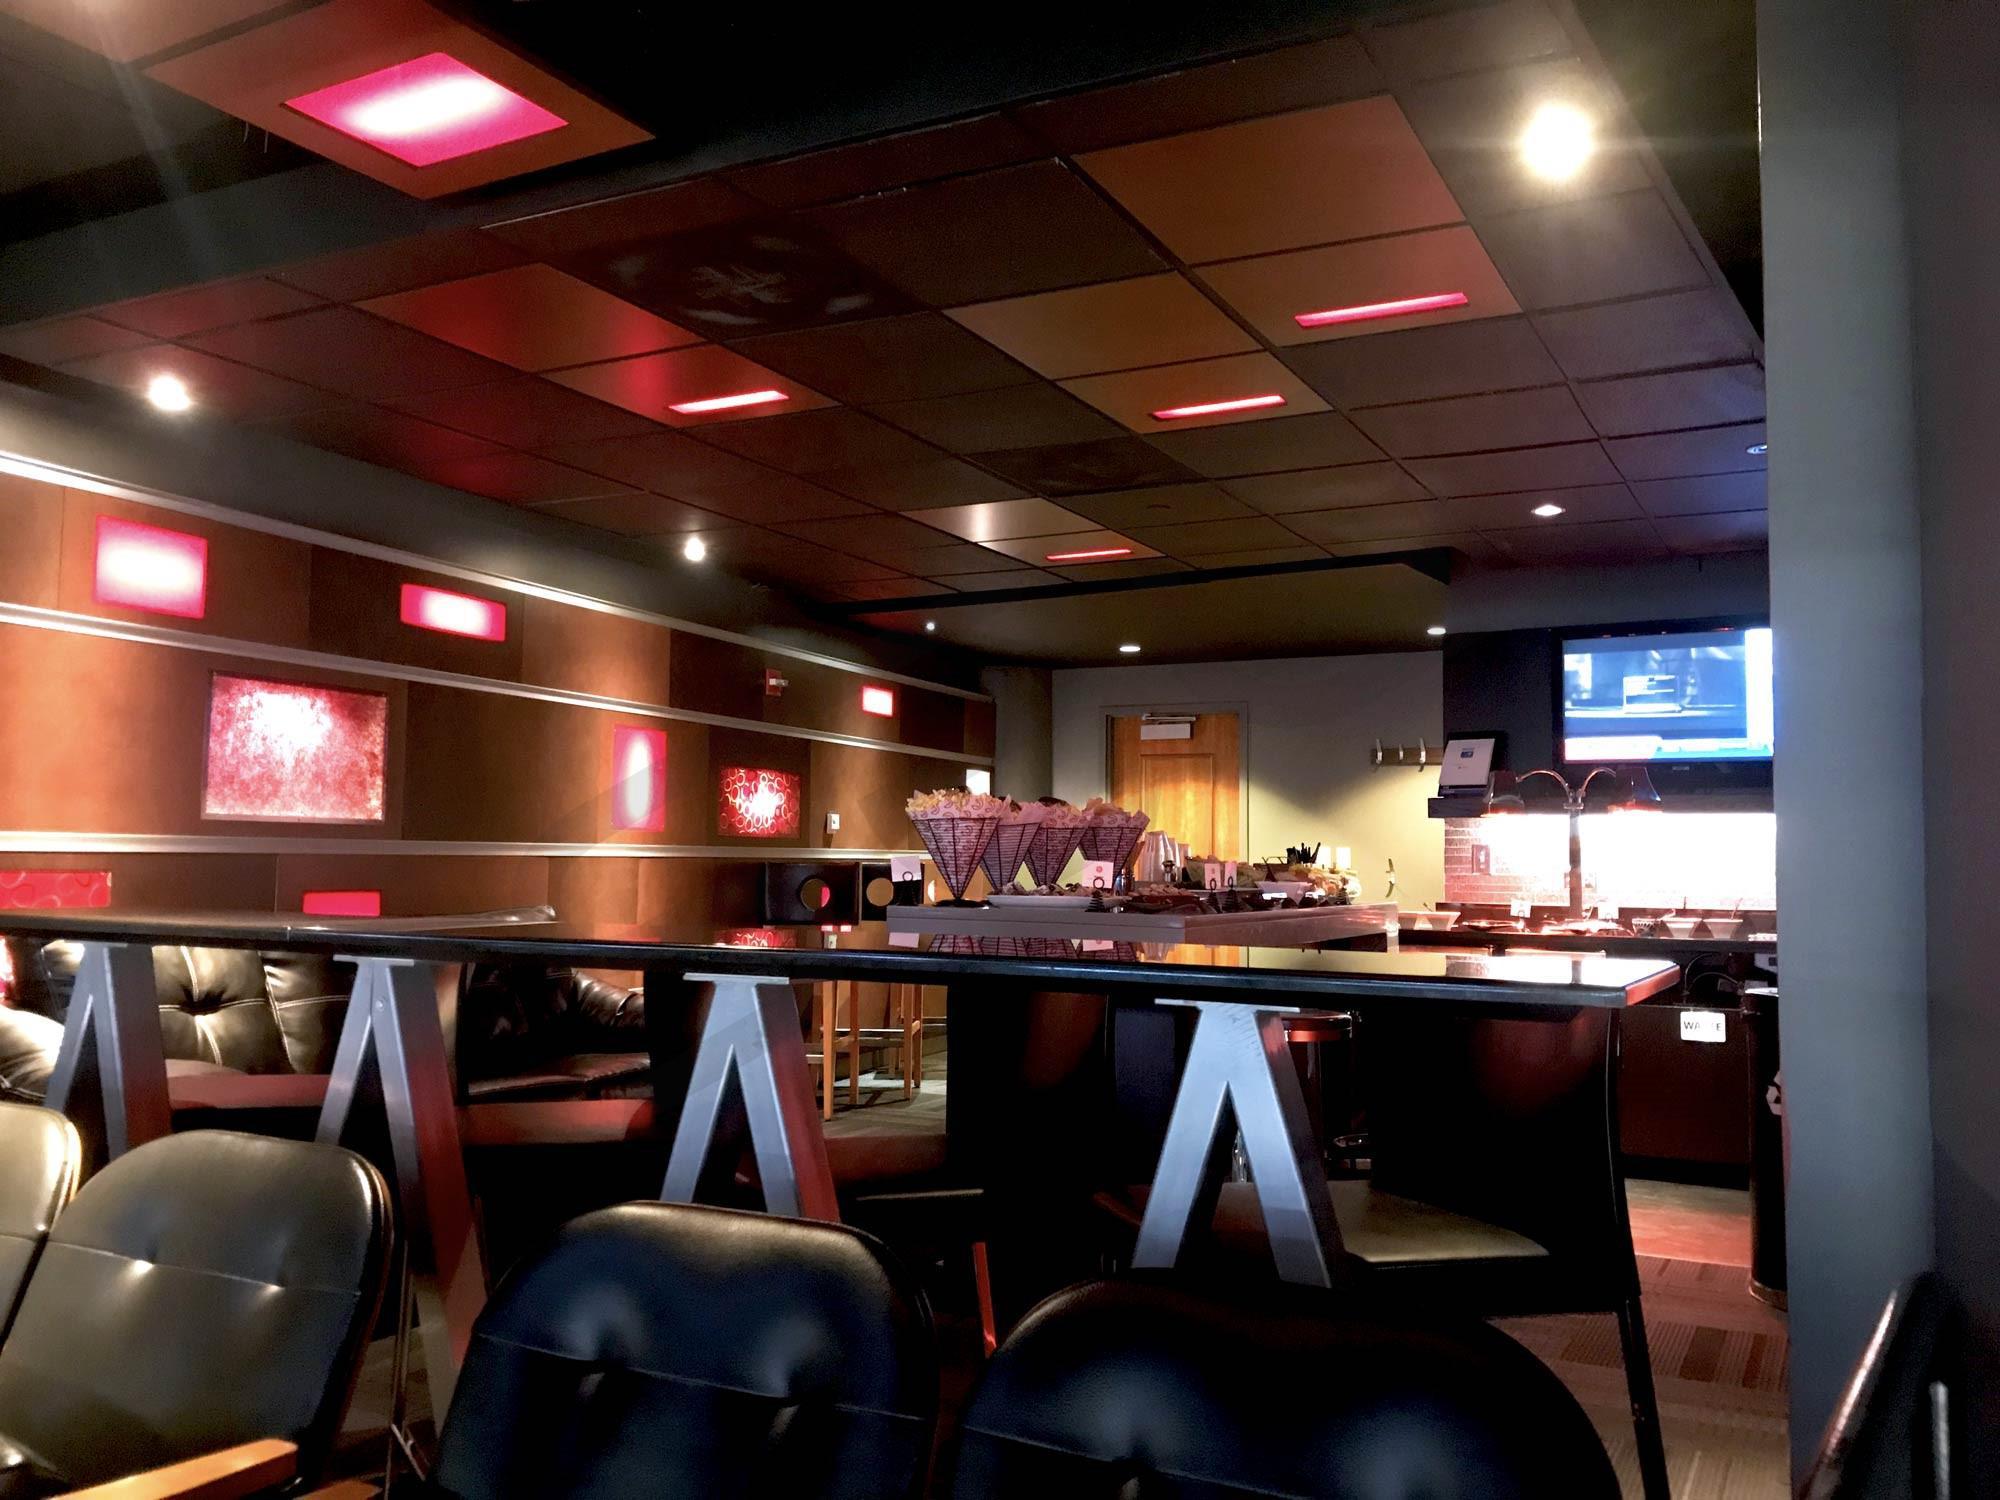 Atlanta hawks suite rentals state farm arena suite - Interior design colleges in atlanta ga ...